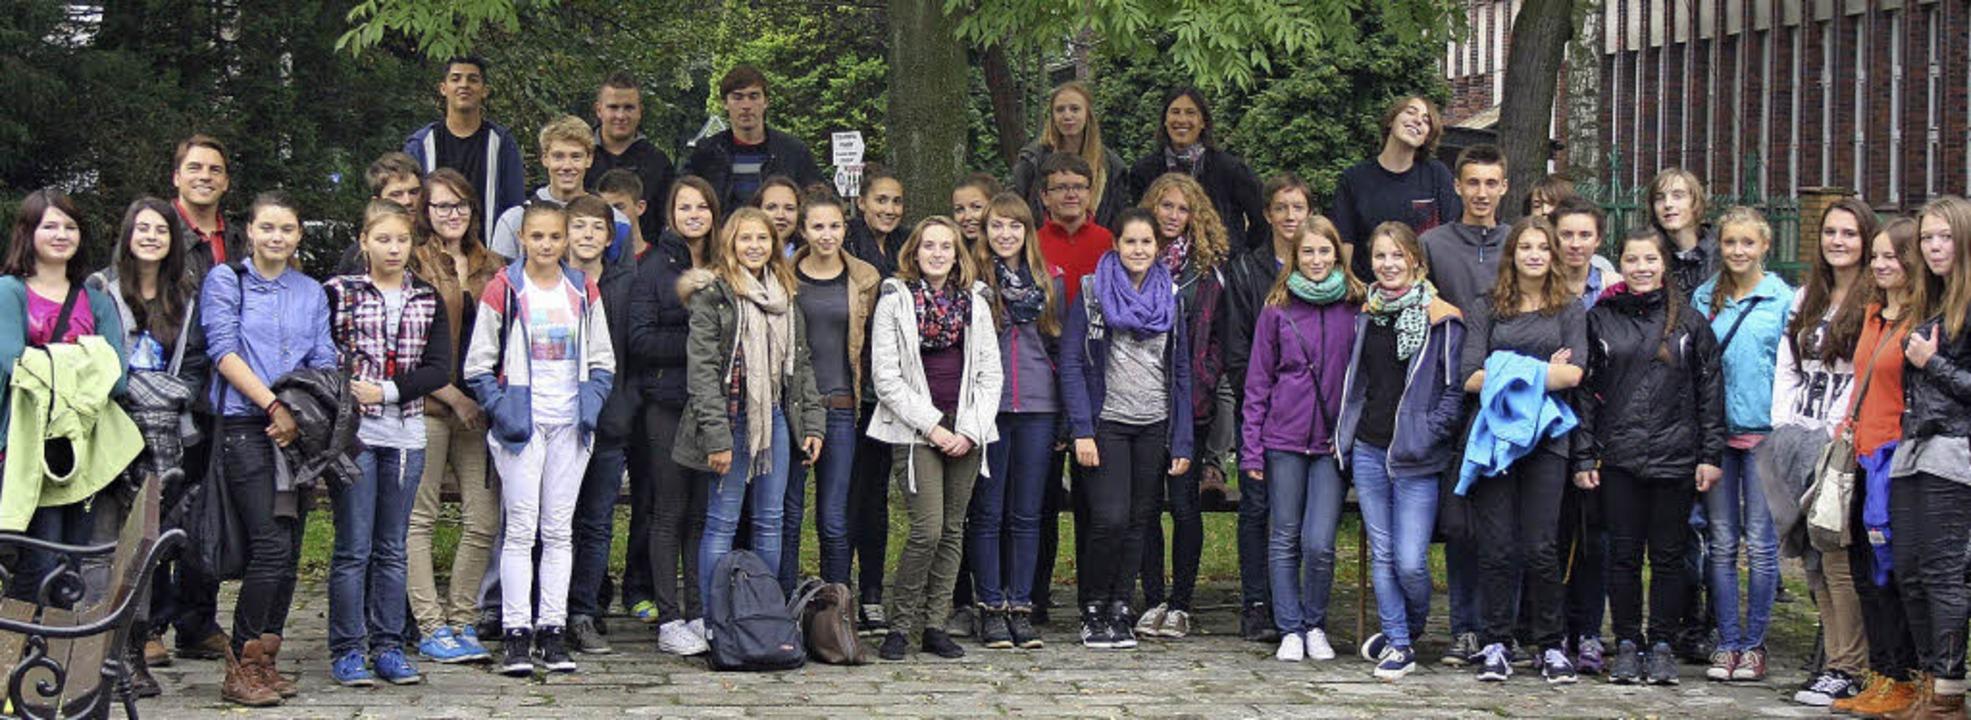 Viel erlebt haben Breisacher Schüler in der Partnerstadt Oswiecim.  | Foto: privat